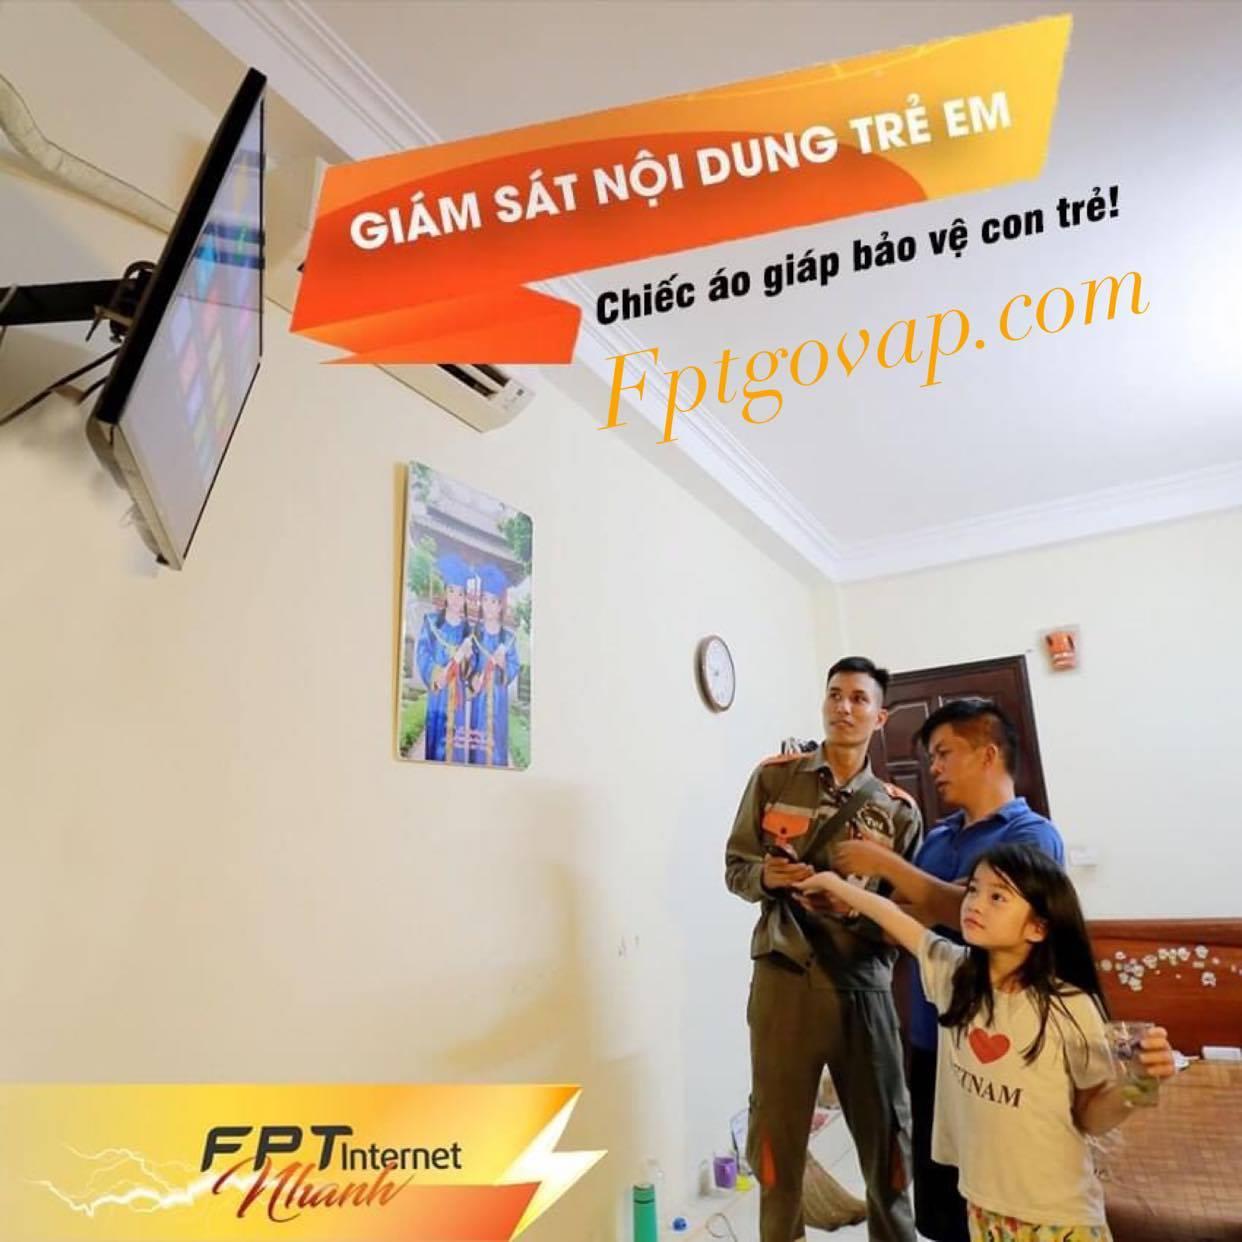 Chức năng giám sát trẻ em của FPT.